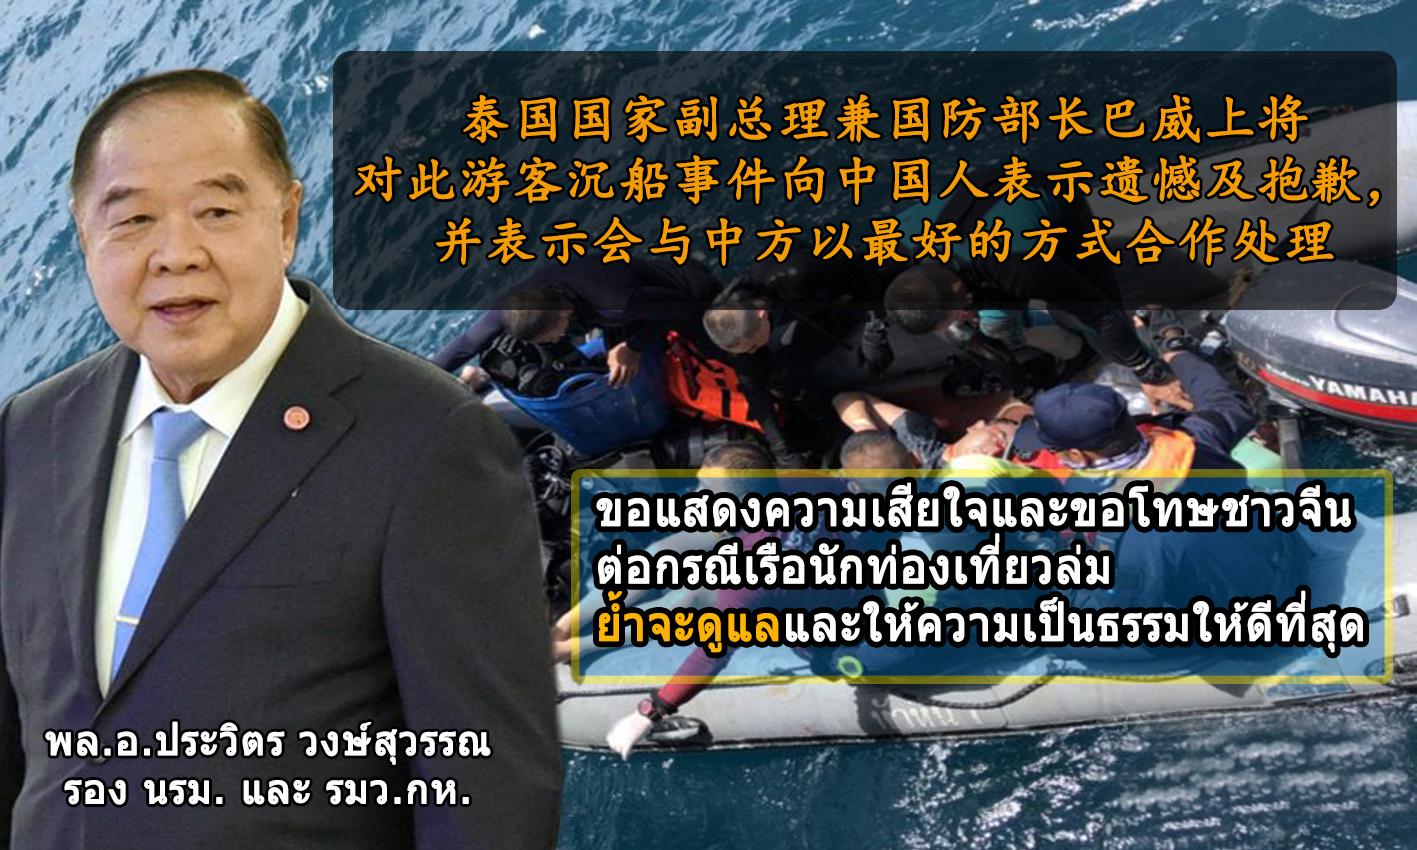 ขอแสดงความเสียใจและขอโทษชาวจีนต่อกรณีเรือนักท่องเที่ยวล่มย้ำจะดูแลและให้ความเป็นธรรมให้ดีที่สุด